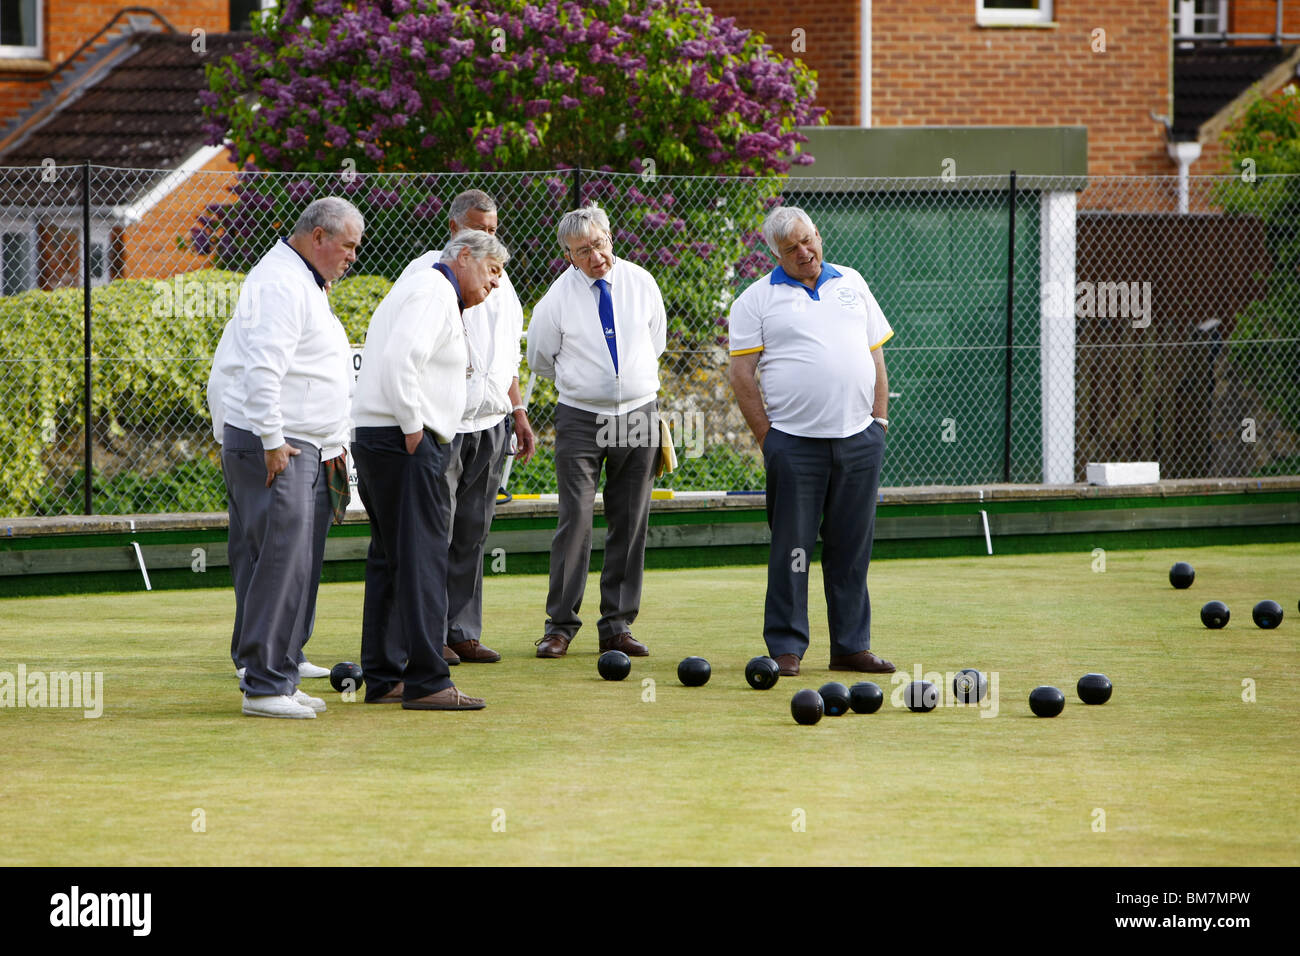 Une couronne de boules vertes - un joli tournoi soirée jeu calme pour les retraités mais un sport pratiqué Photo Stock